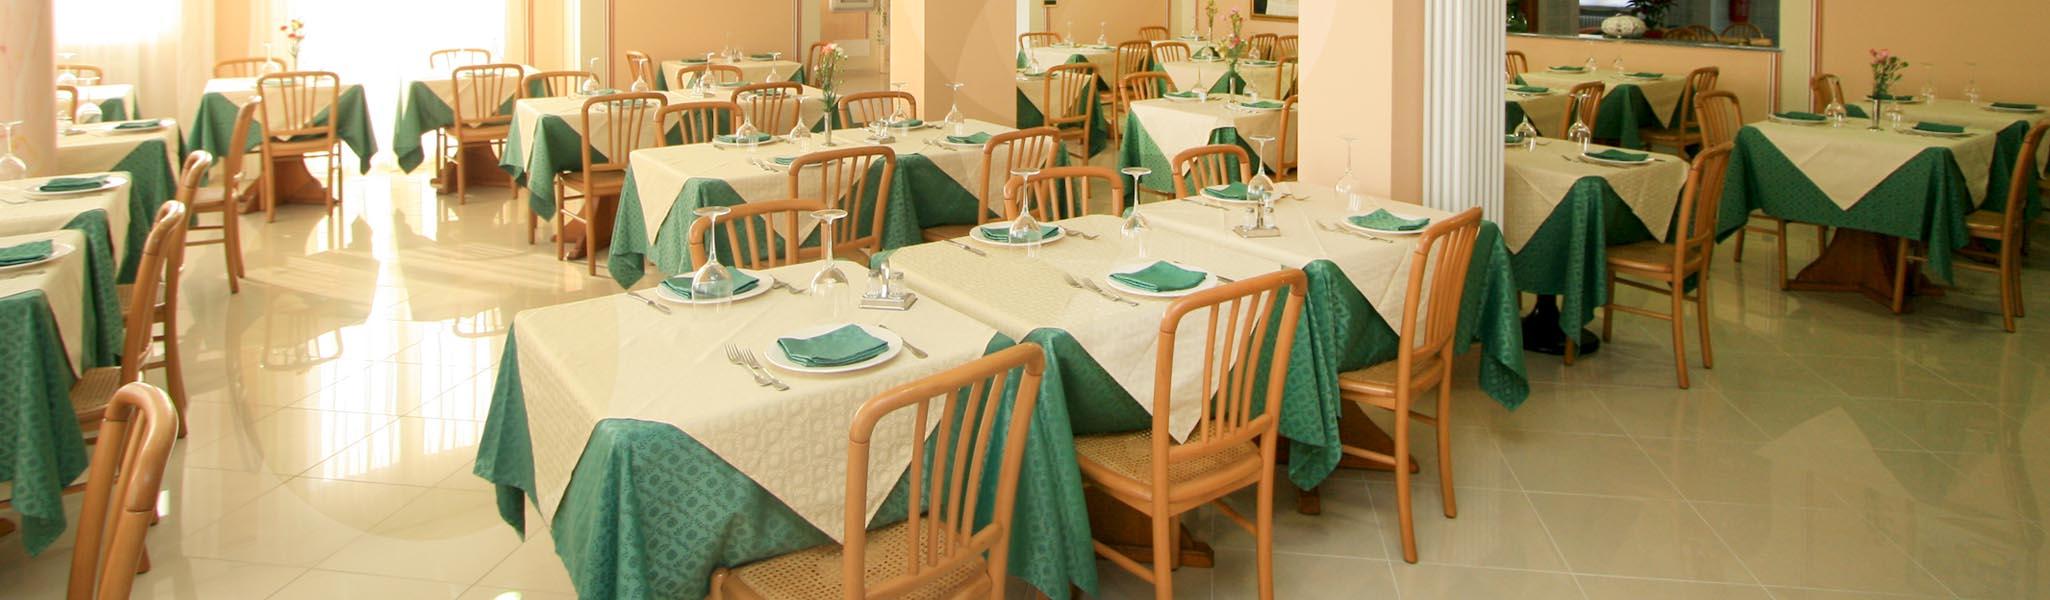 Hotel Alassio